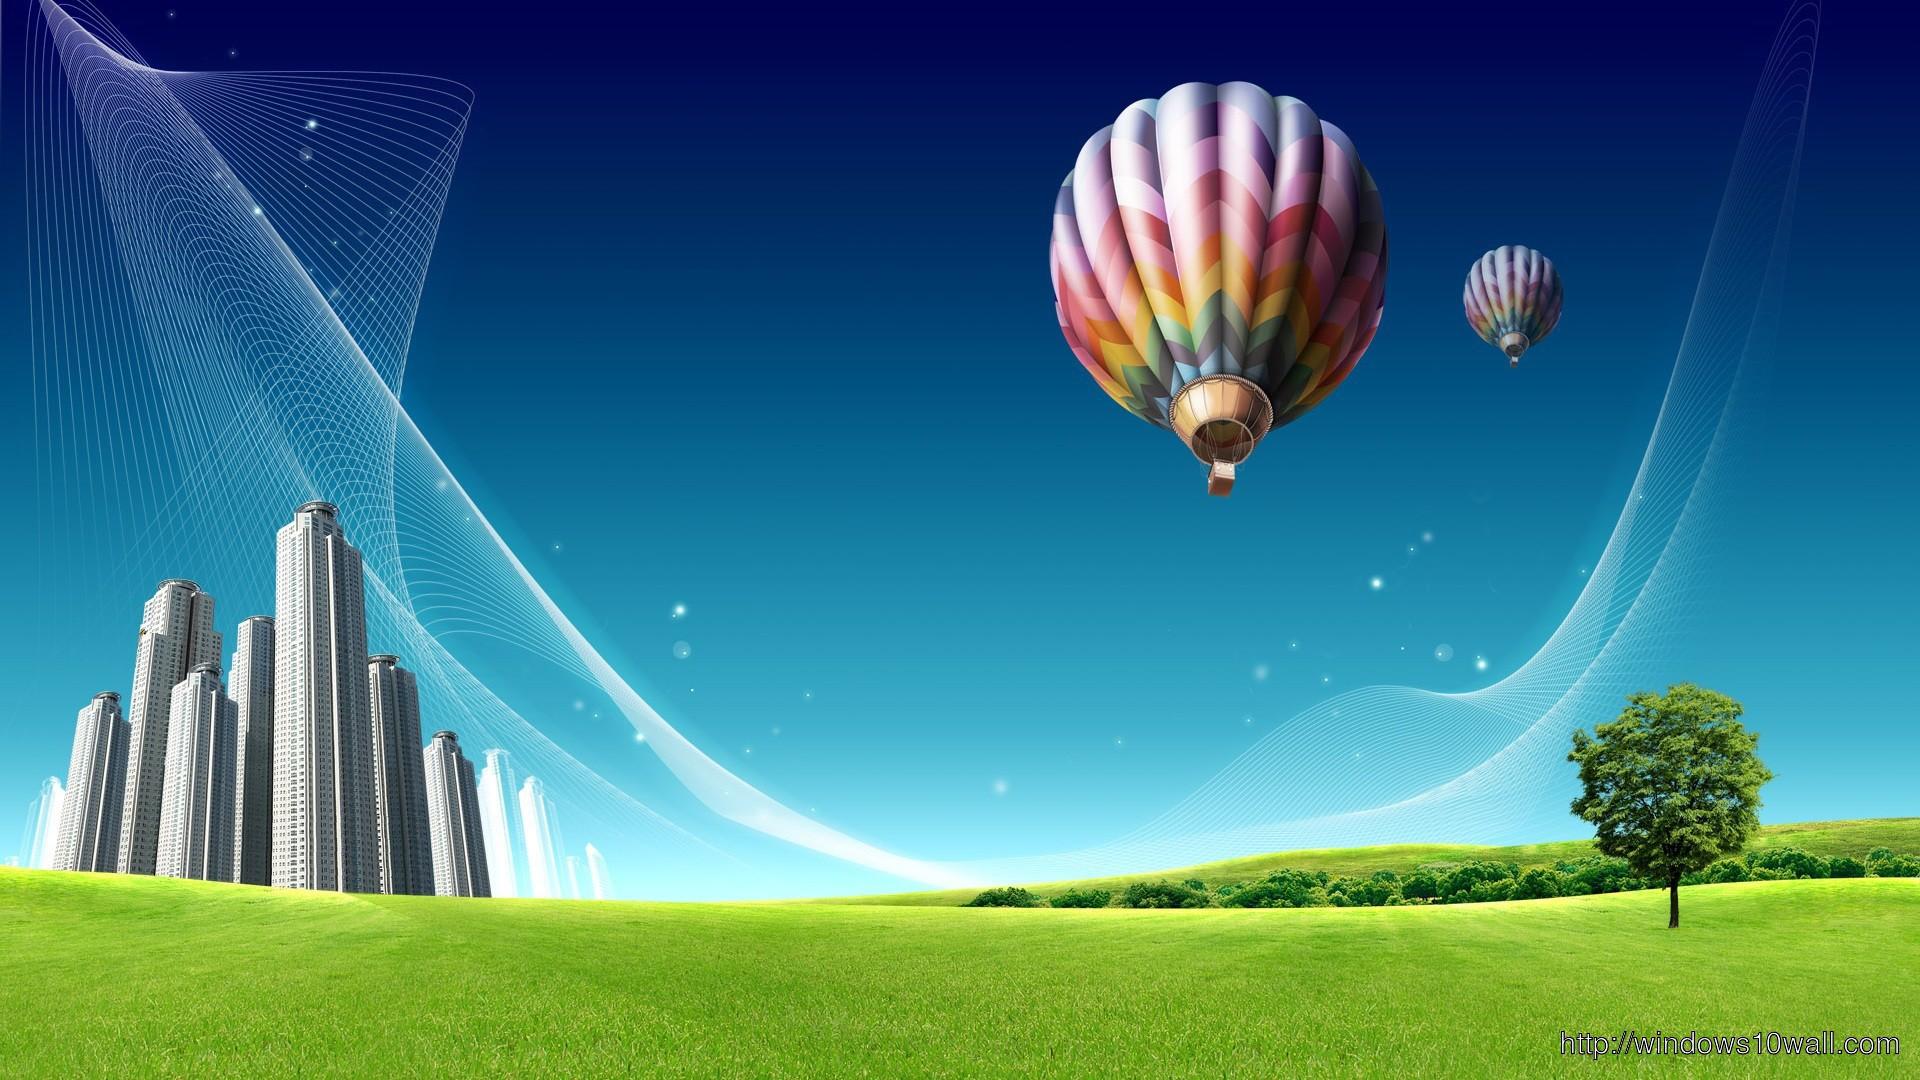 Cute Cartoon Girl Hd Wallpapers Hot Air Balloon Hd Widescreen Wallpaper ⋆ Windows 10